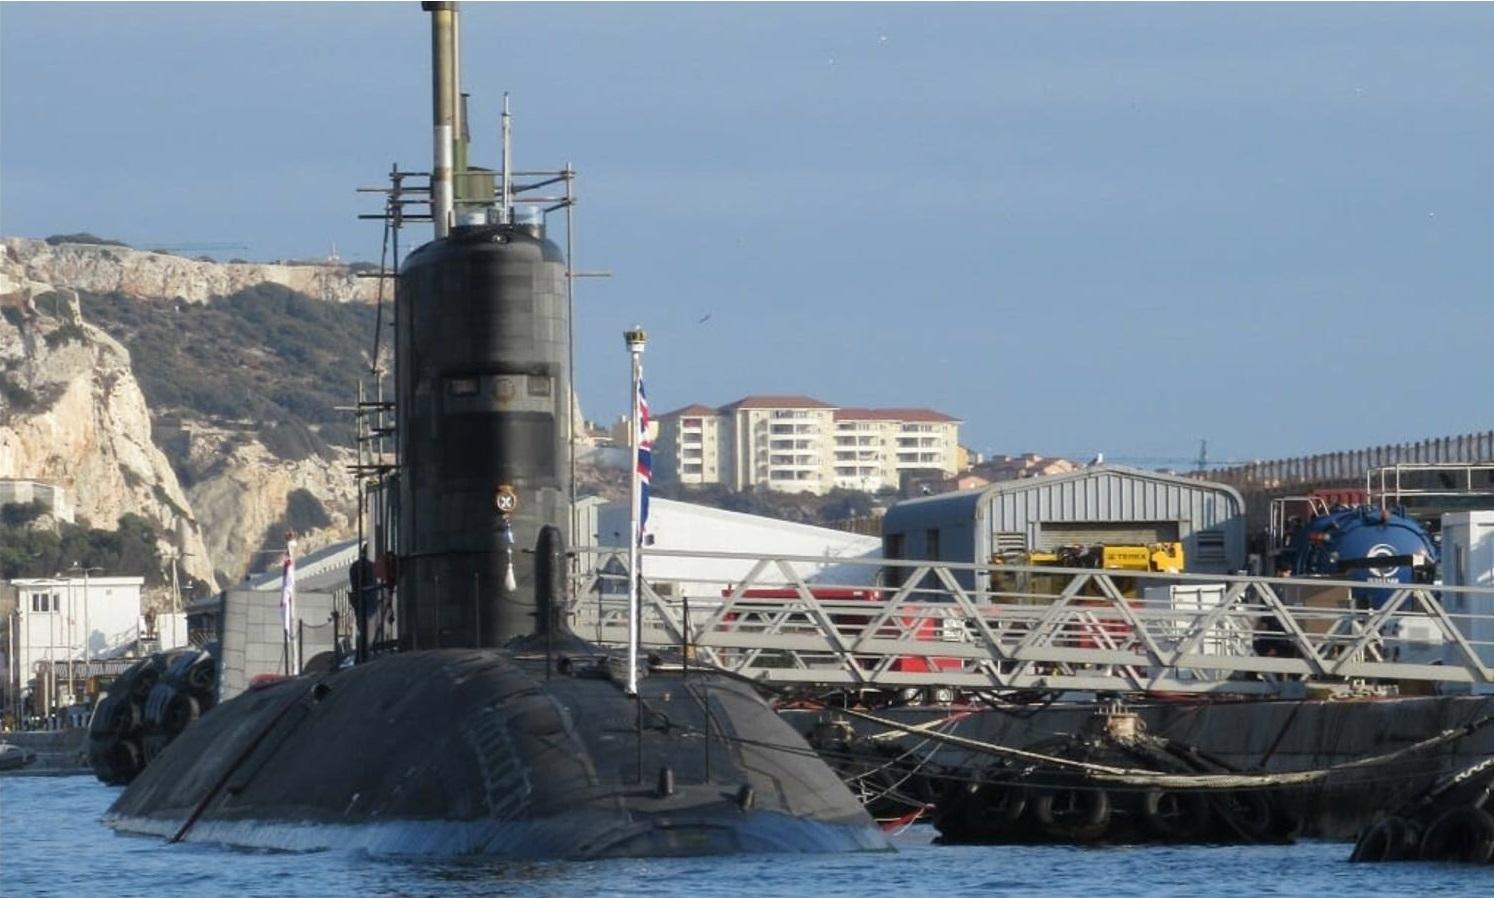 Британская АПЛ не вышла в море из-за наркоманов в экипаже